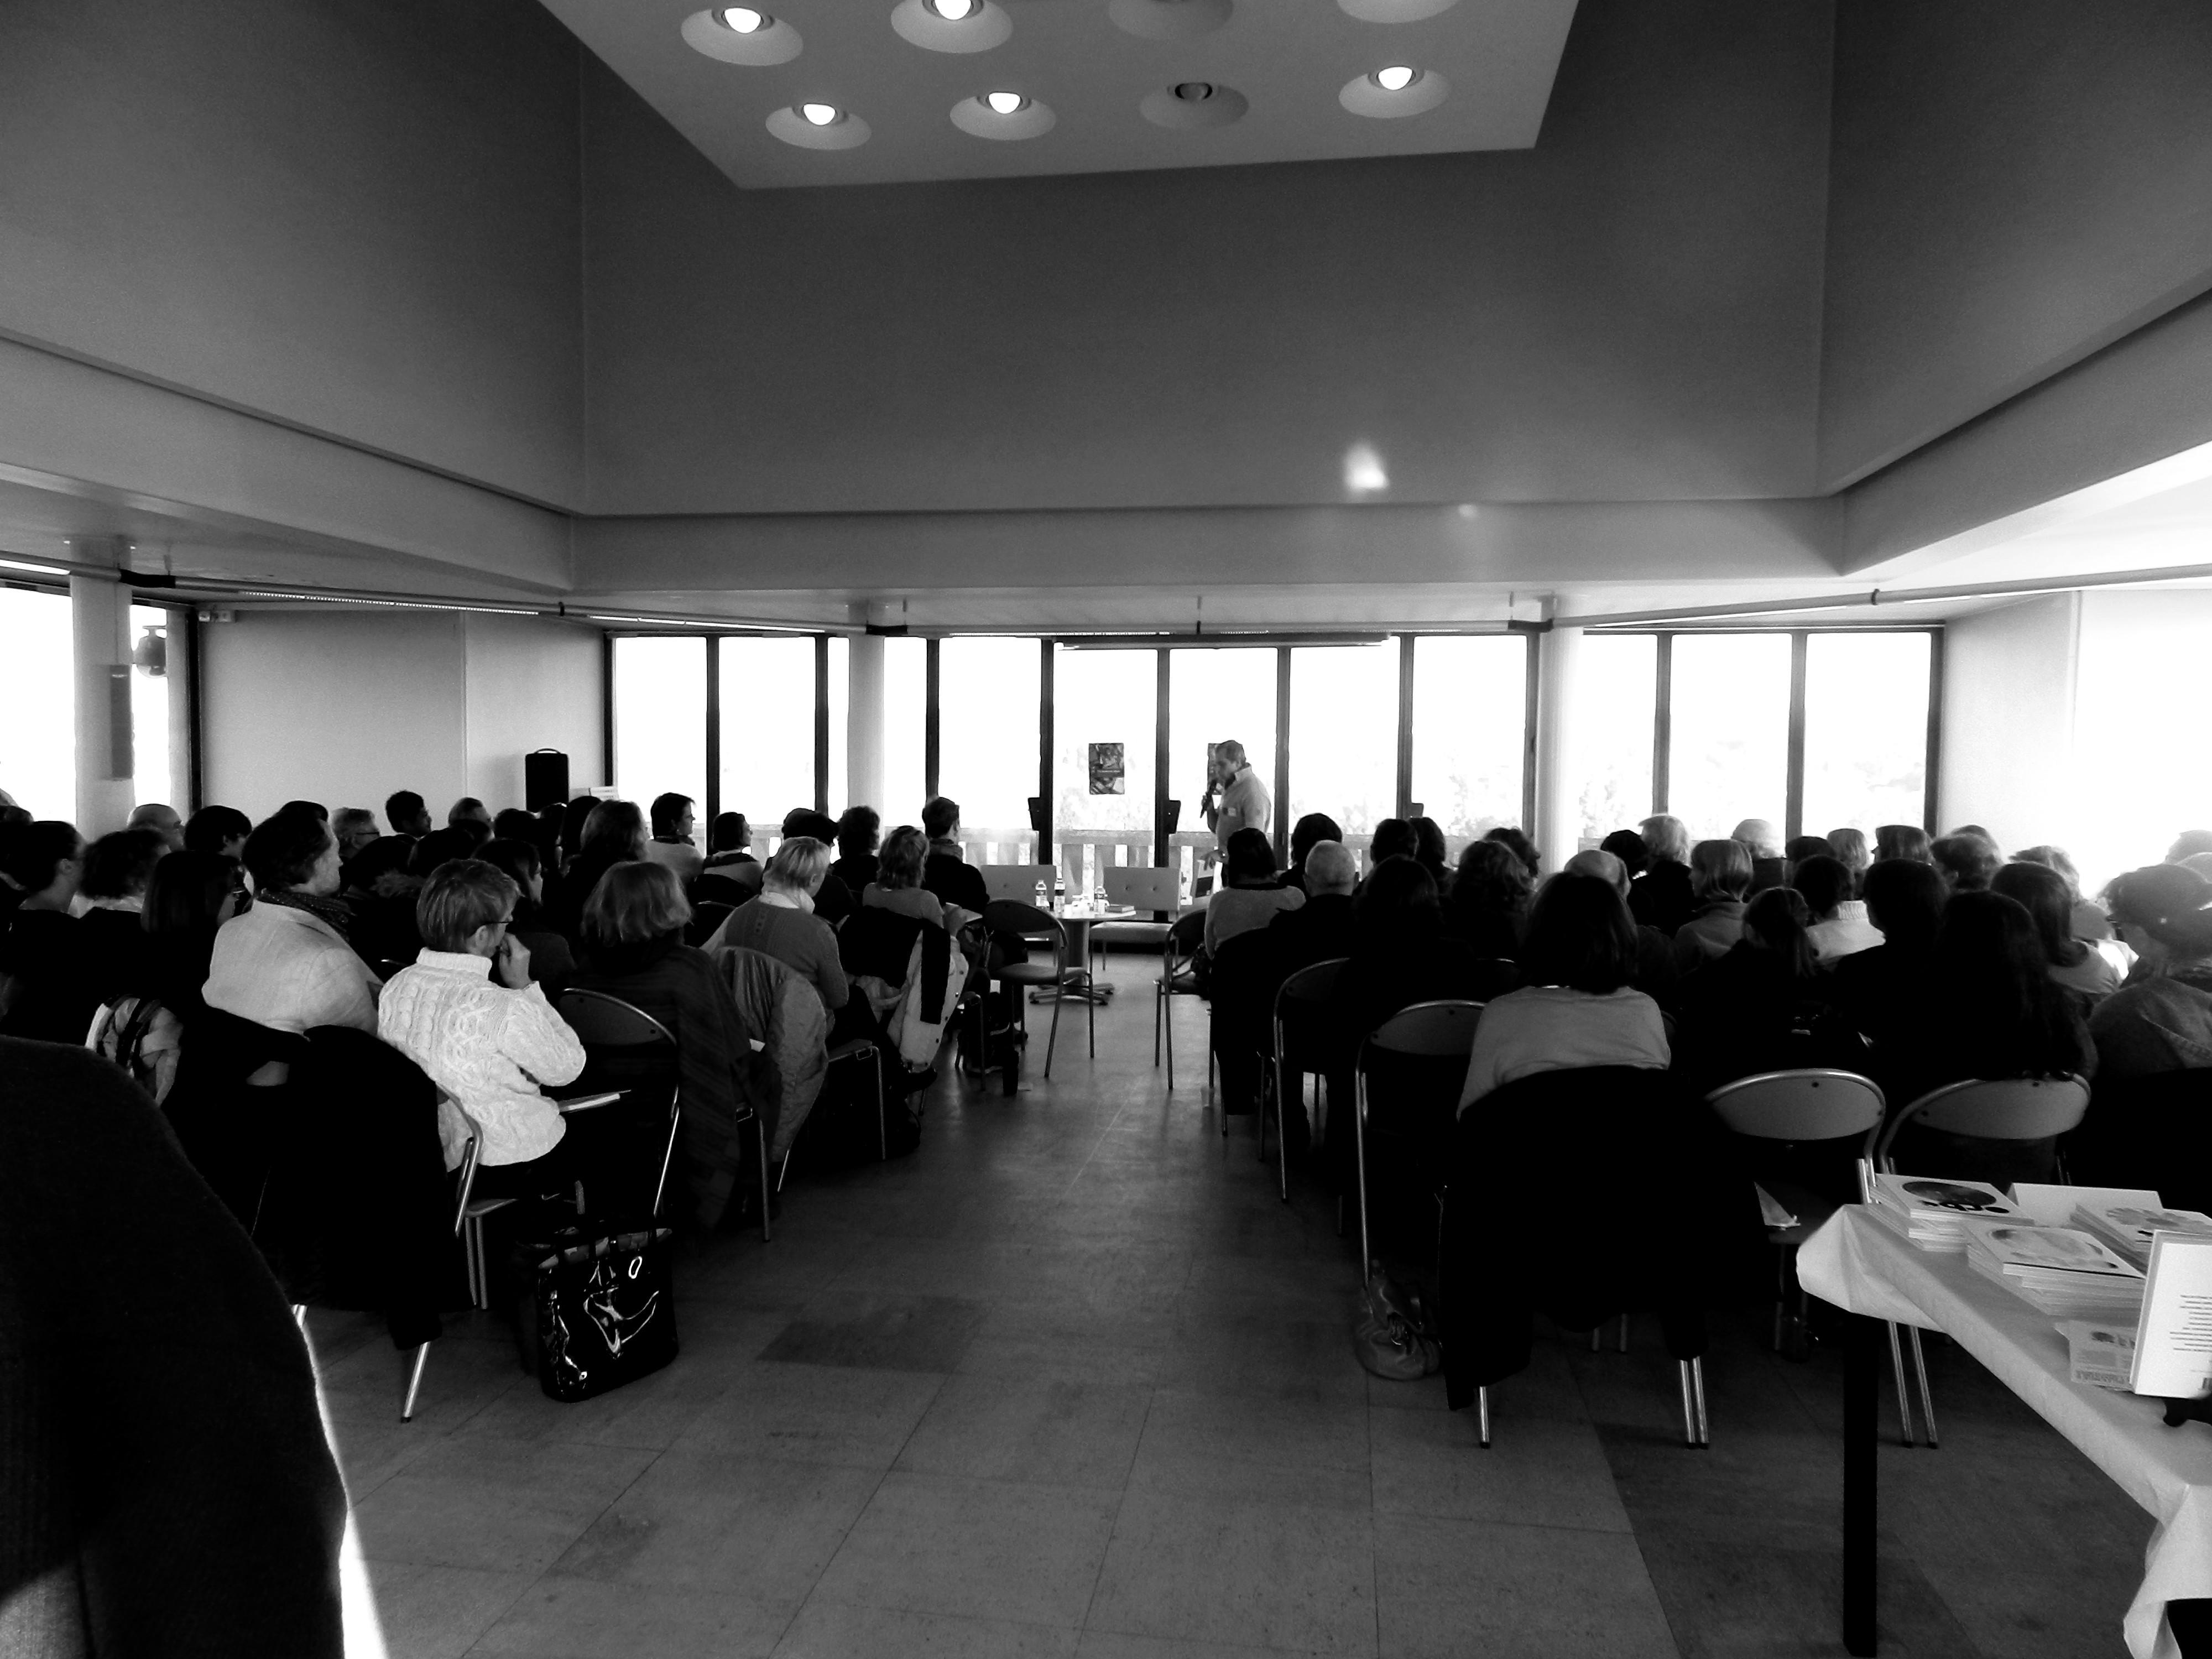 rencontres interprofessionnelles du patrimoine 2014